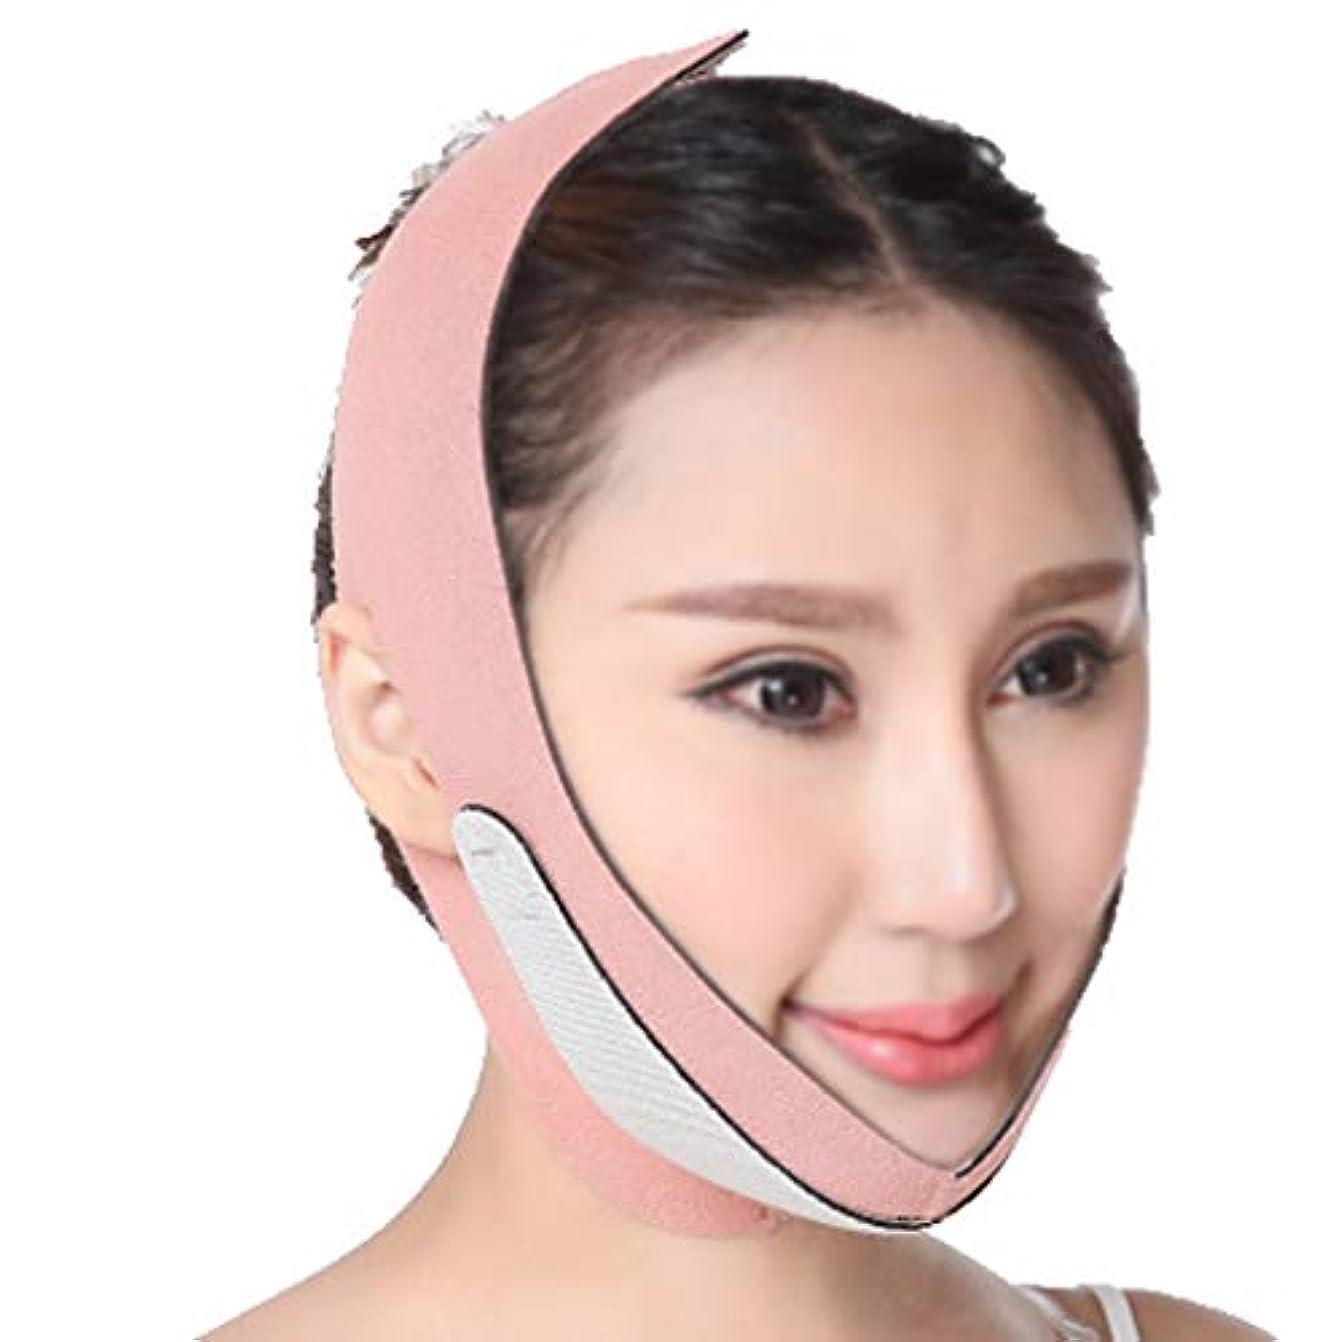 実行仮説頬顔の痩身マスク痩身包帯通気性フェイシャルダブルチンケア減量フェイスベルト